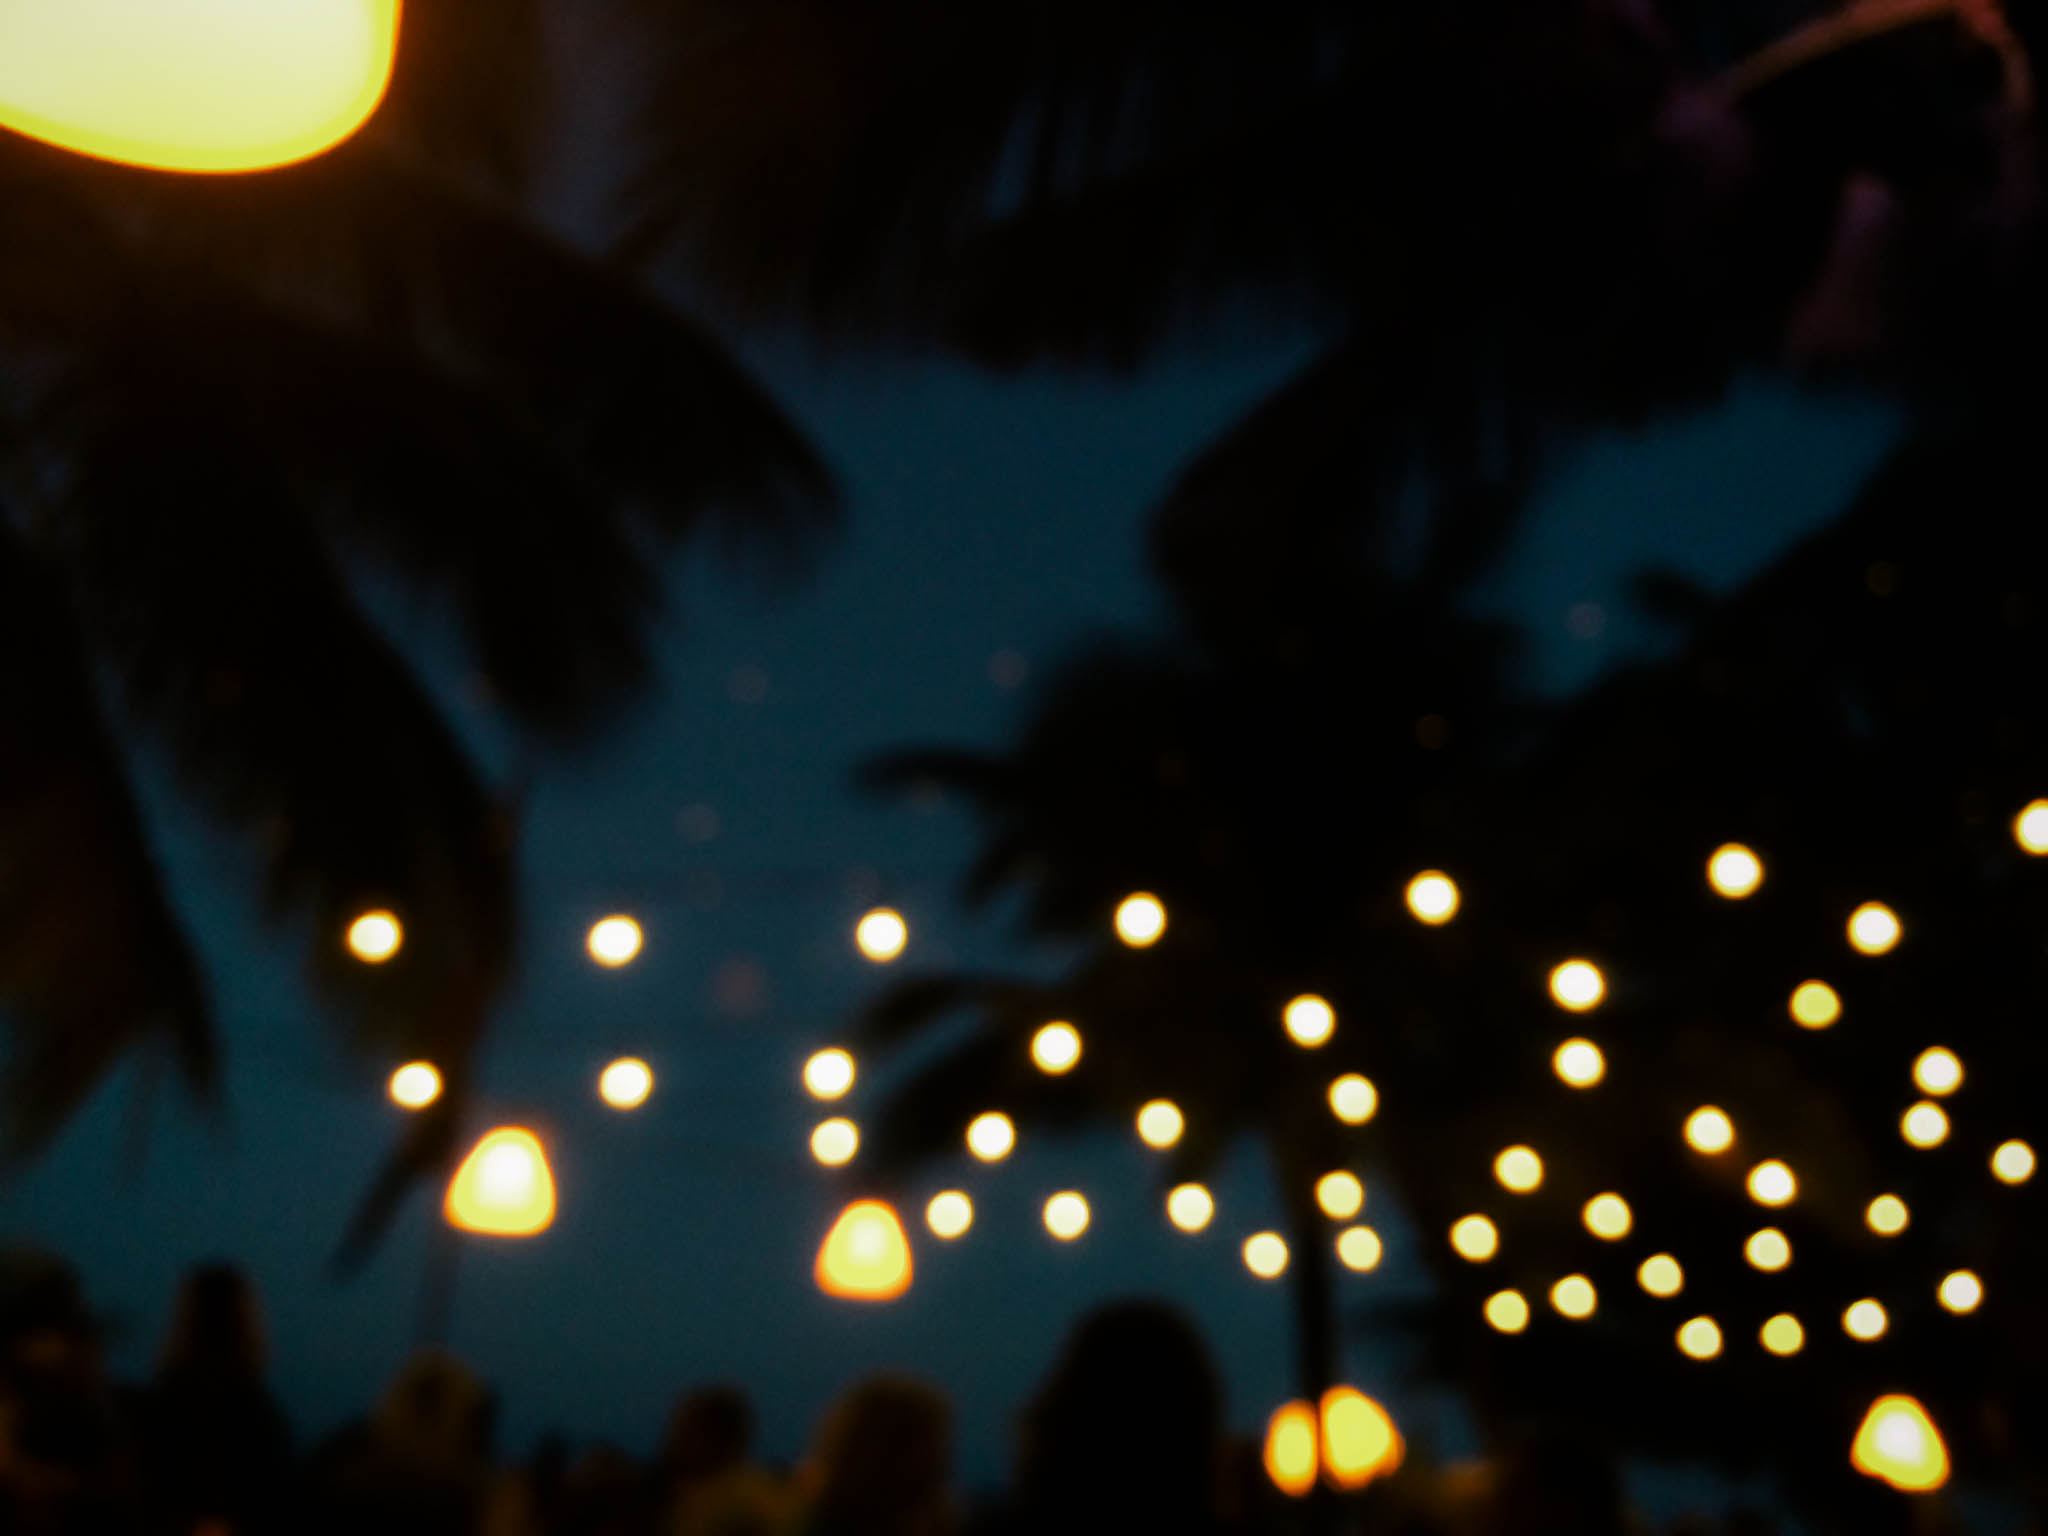 cabarete dominican republic lune blog (26 of 27).jpg